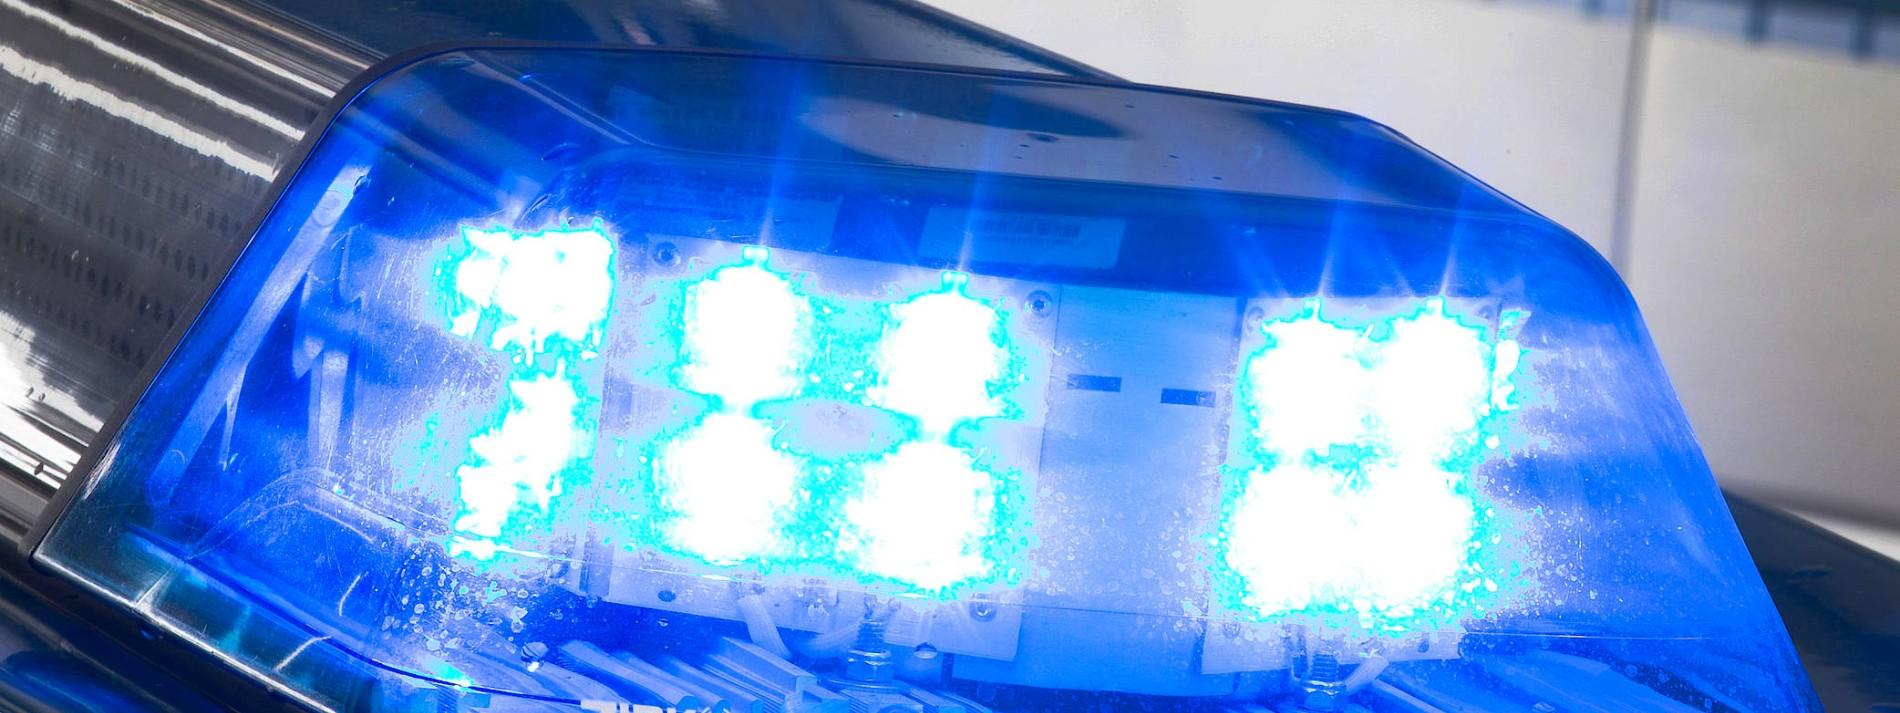 Polizei-Sondereinsatz nach Schuss in Regionalbahn